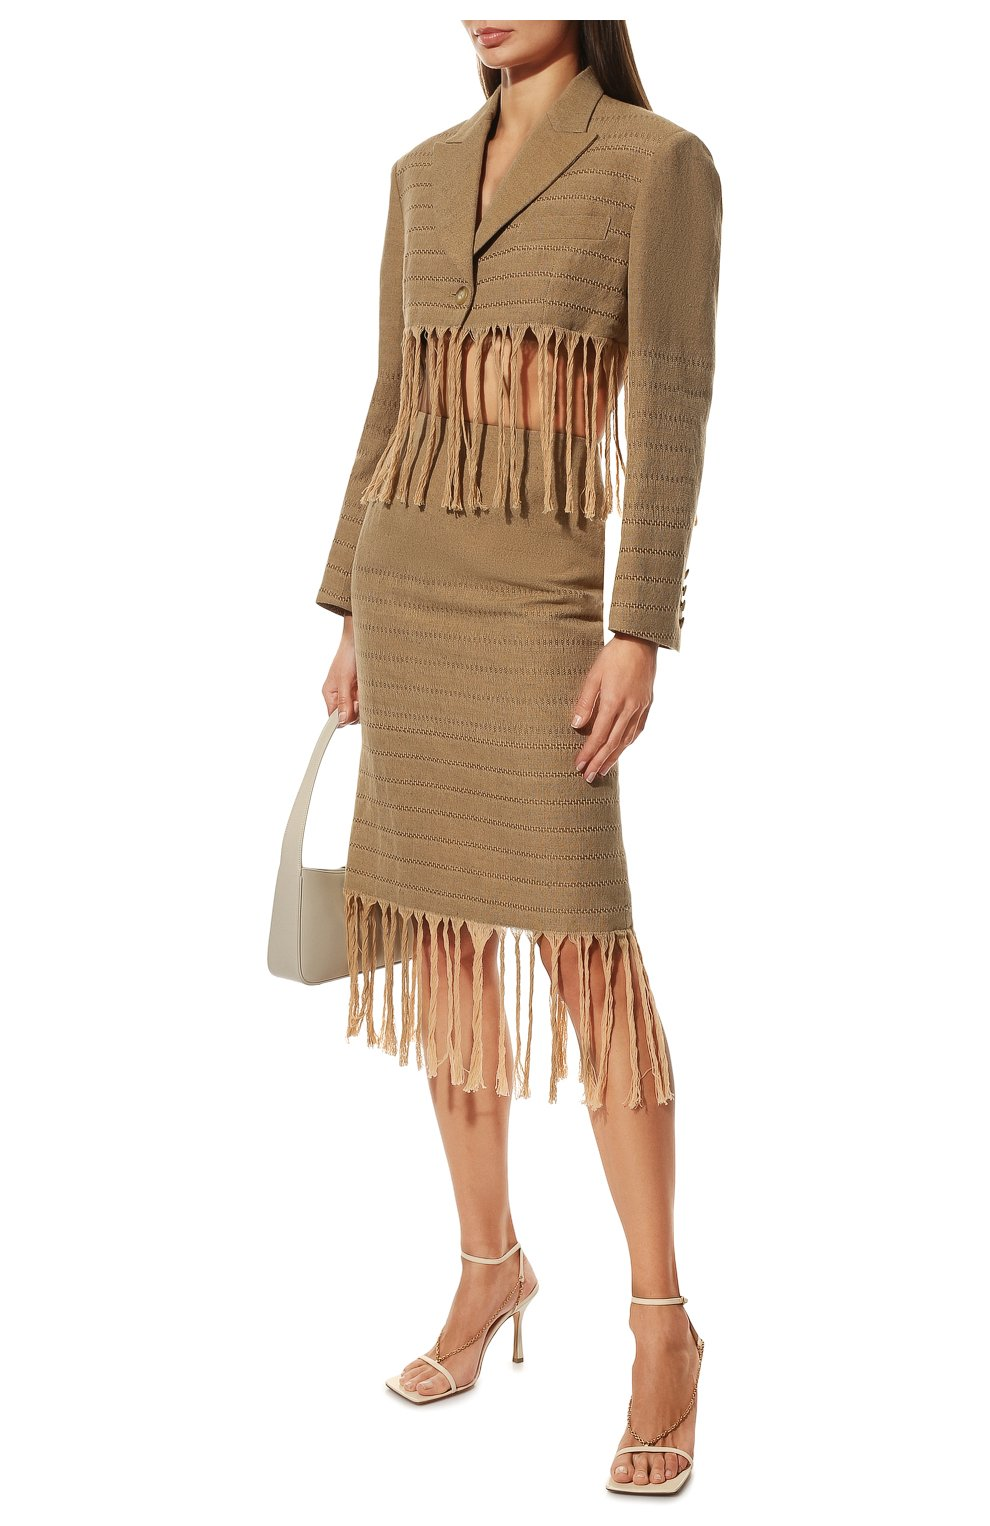 Женские кожаные босоножки stretch BOTTEGA VENETA бежевого цвета, арт. 651385/VBSF0 | Фото 2 (Каблук высота: Высокий; Материал внутренний: Натуральная кожа; Каблук тип: Шпилька; Подошва: Плоская)